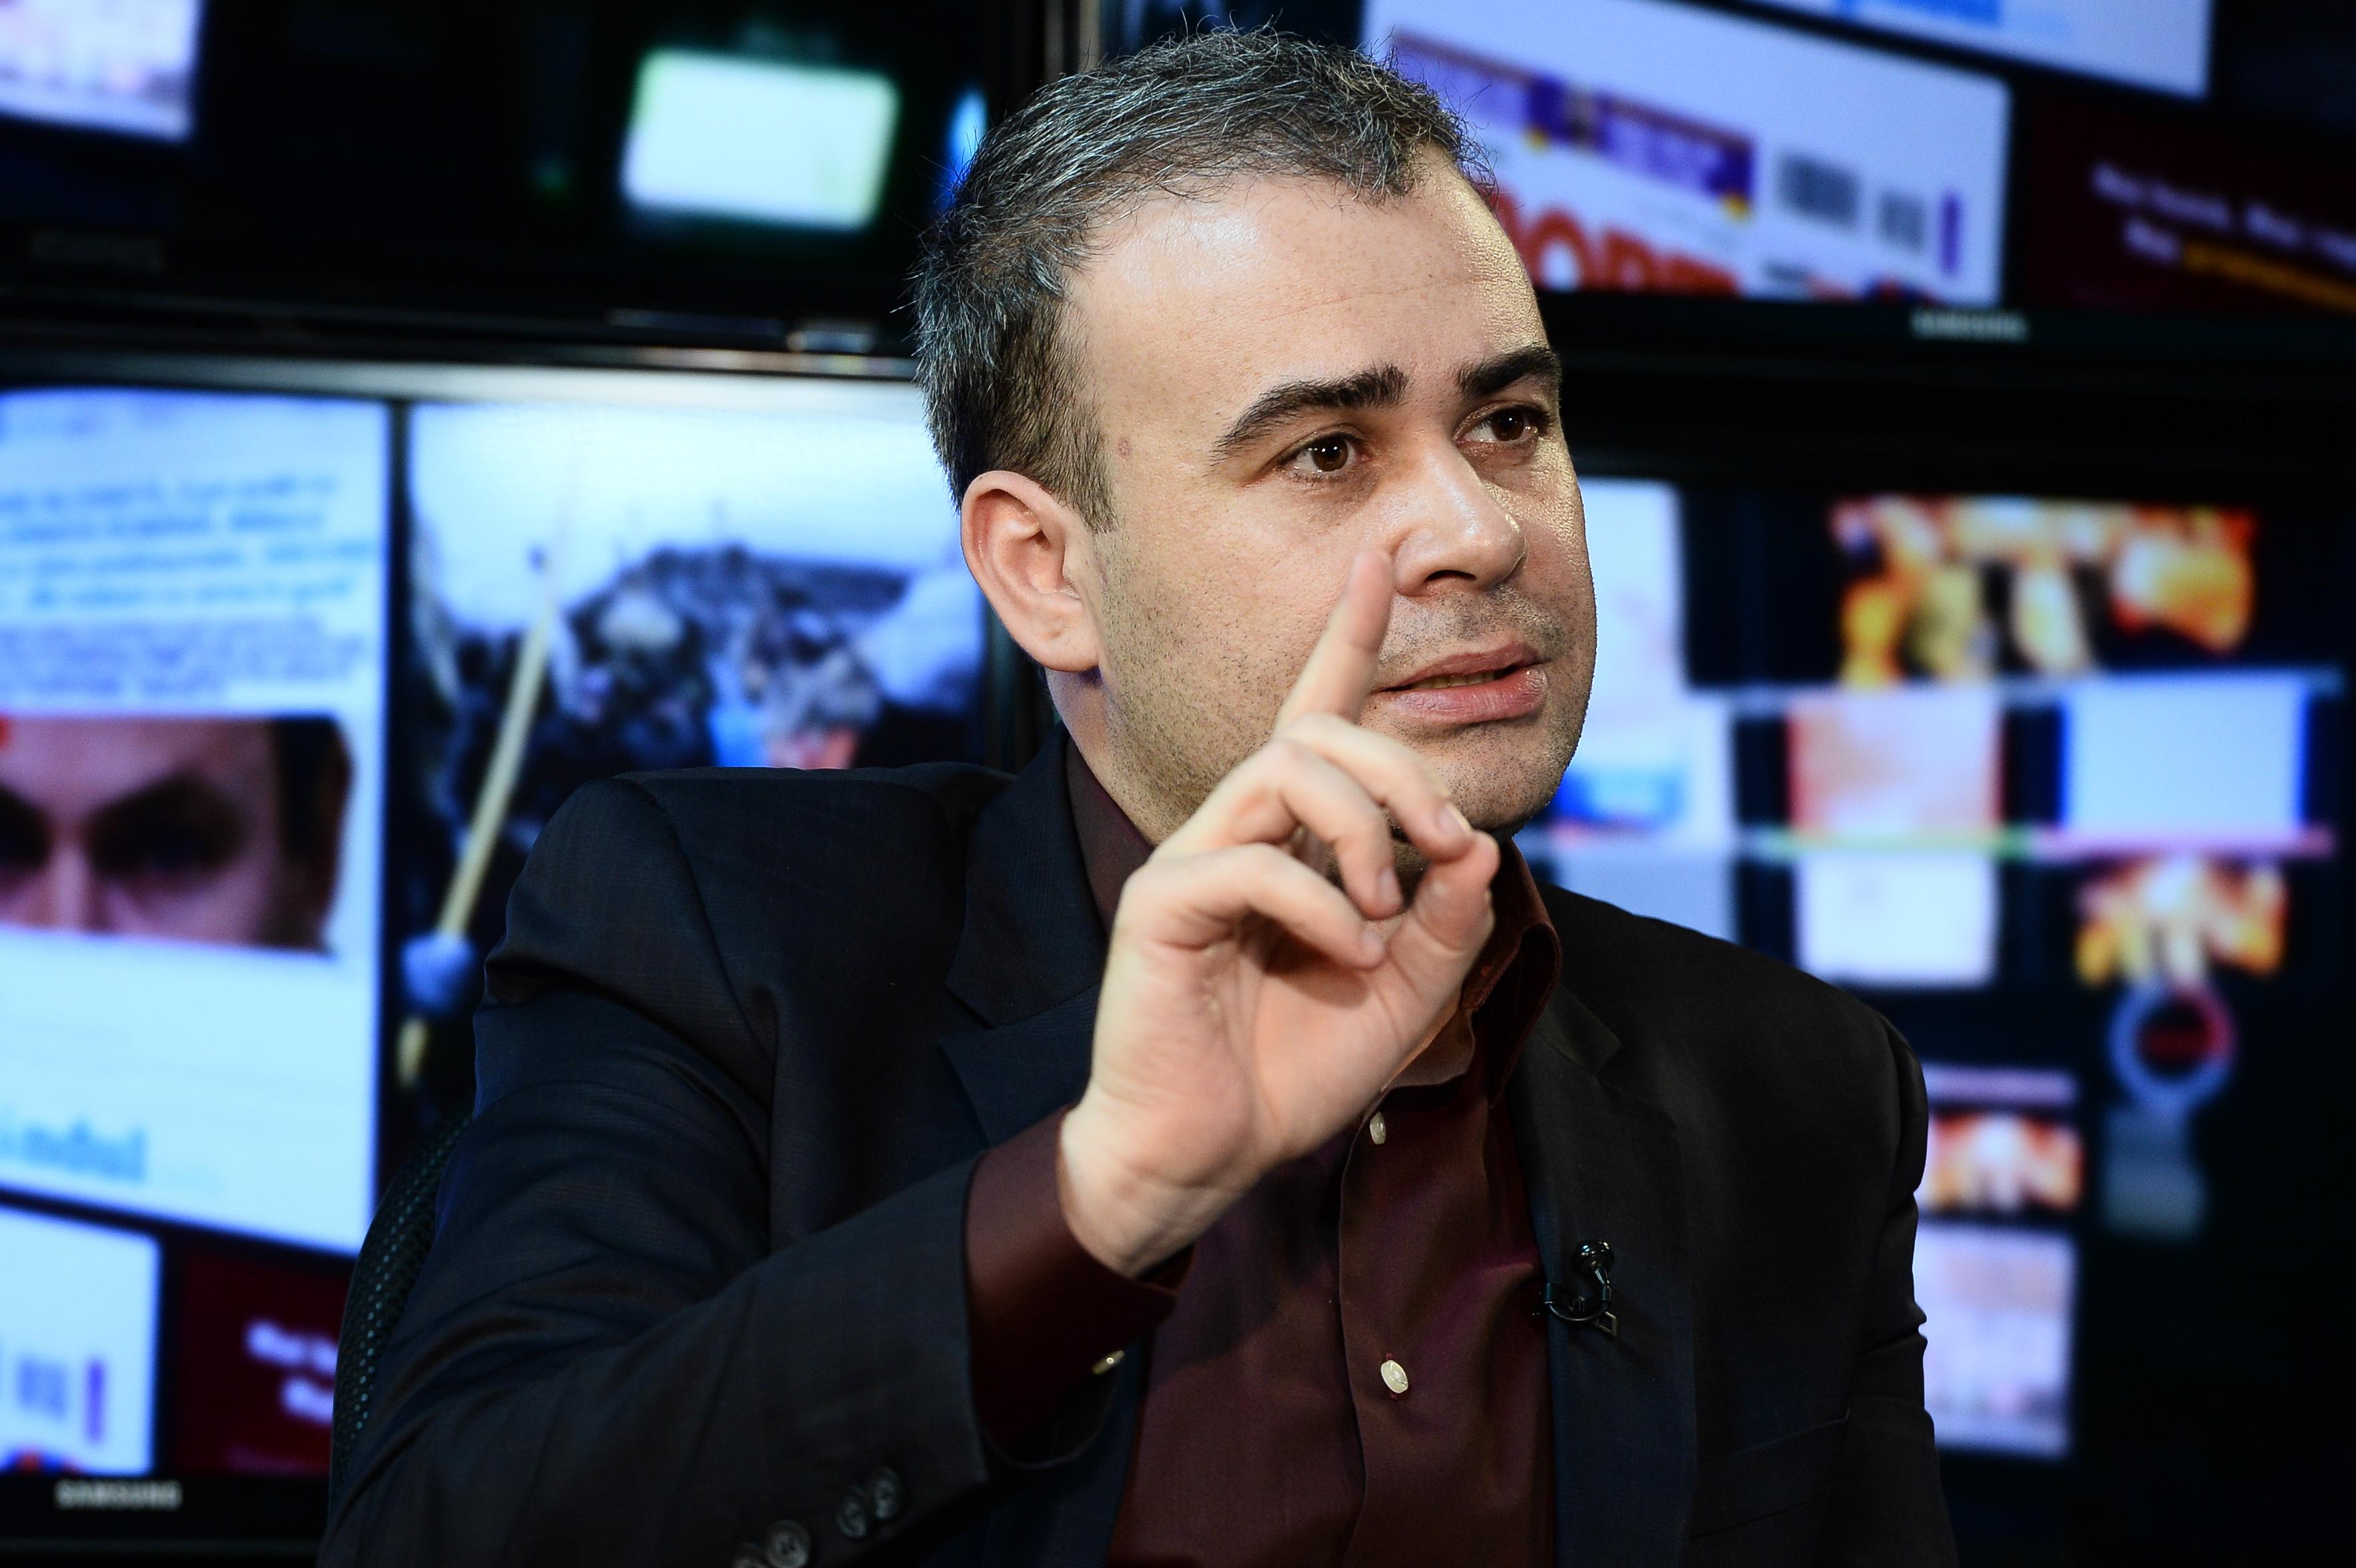 Asteptarile lui Dragnea de la noul ministru al Finantelor: ,,Mi-as dori sa fie un coleg cel putin la fel de bun, deschis si vizionar ca Darius. Nu e inghesuiala foarte mare